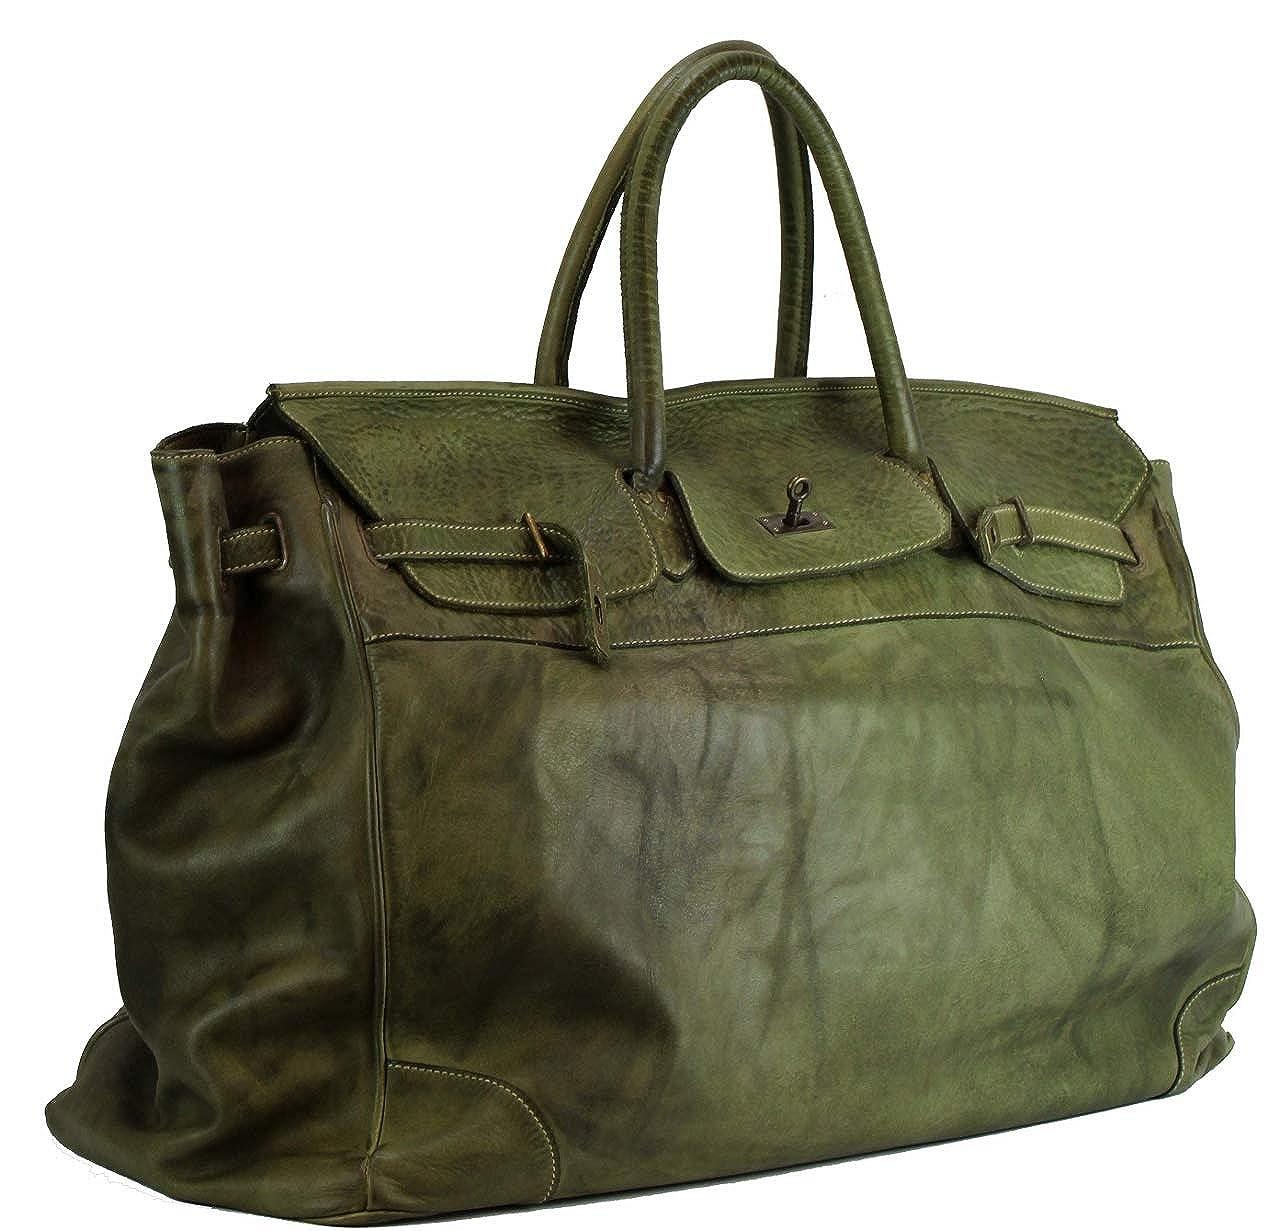 b323fcfa0f378 BZNA Bag Bella Grün verde XXL vintage Italy Designer Big Weekender  Wochenend Business Tasche Ledertasche Tasche Leder Shopper Neu  Amazon.de   Schuhe   ...